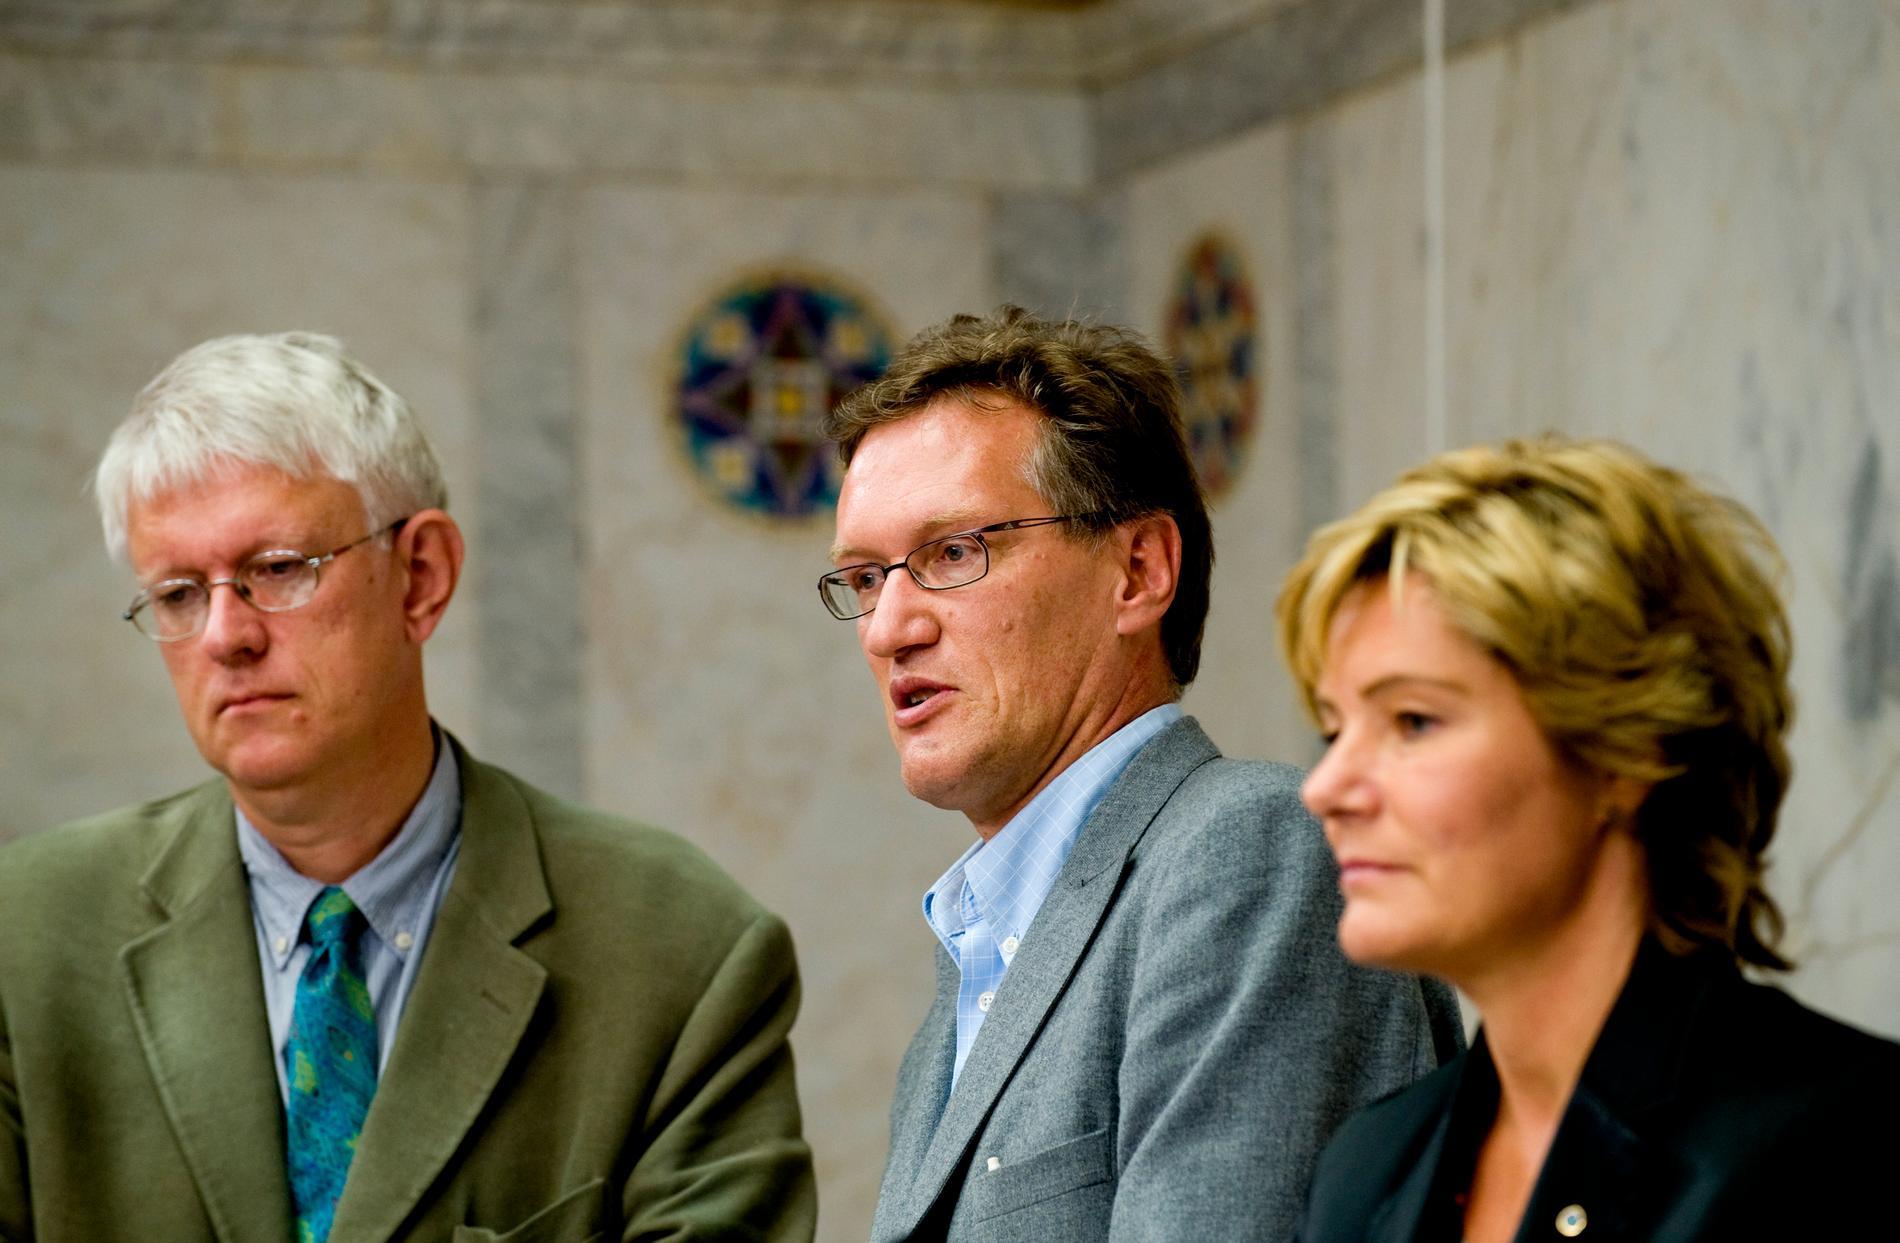 Johan Carlson, Anders Tegnell och Maria Larsson håller pressträff med anledning av det pågående utbrottet av svininfluensan i september 2009.